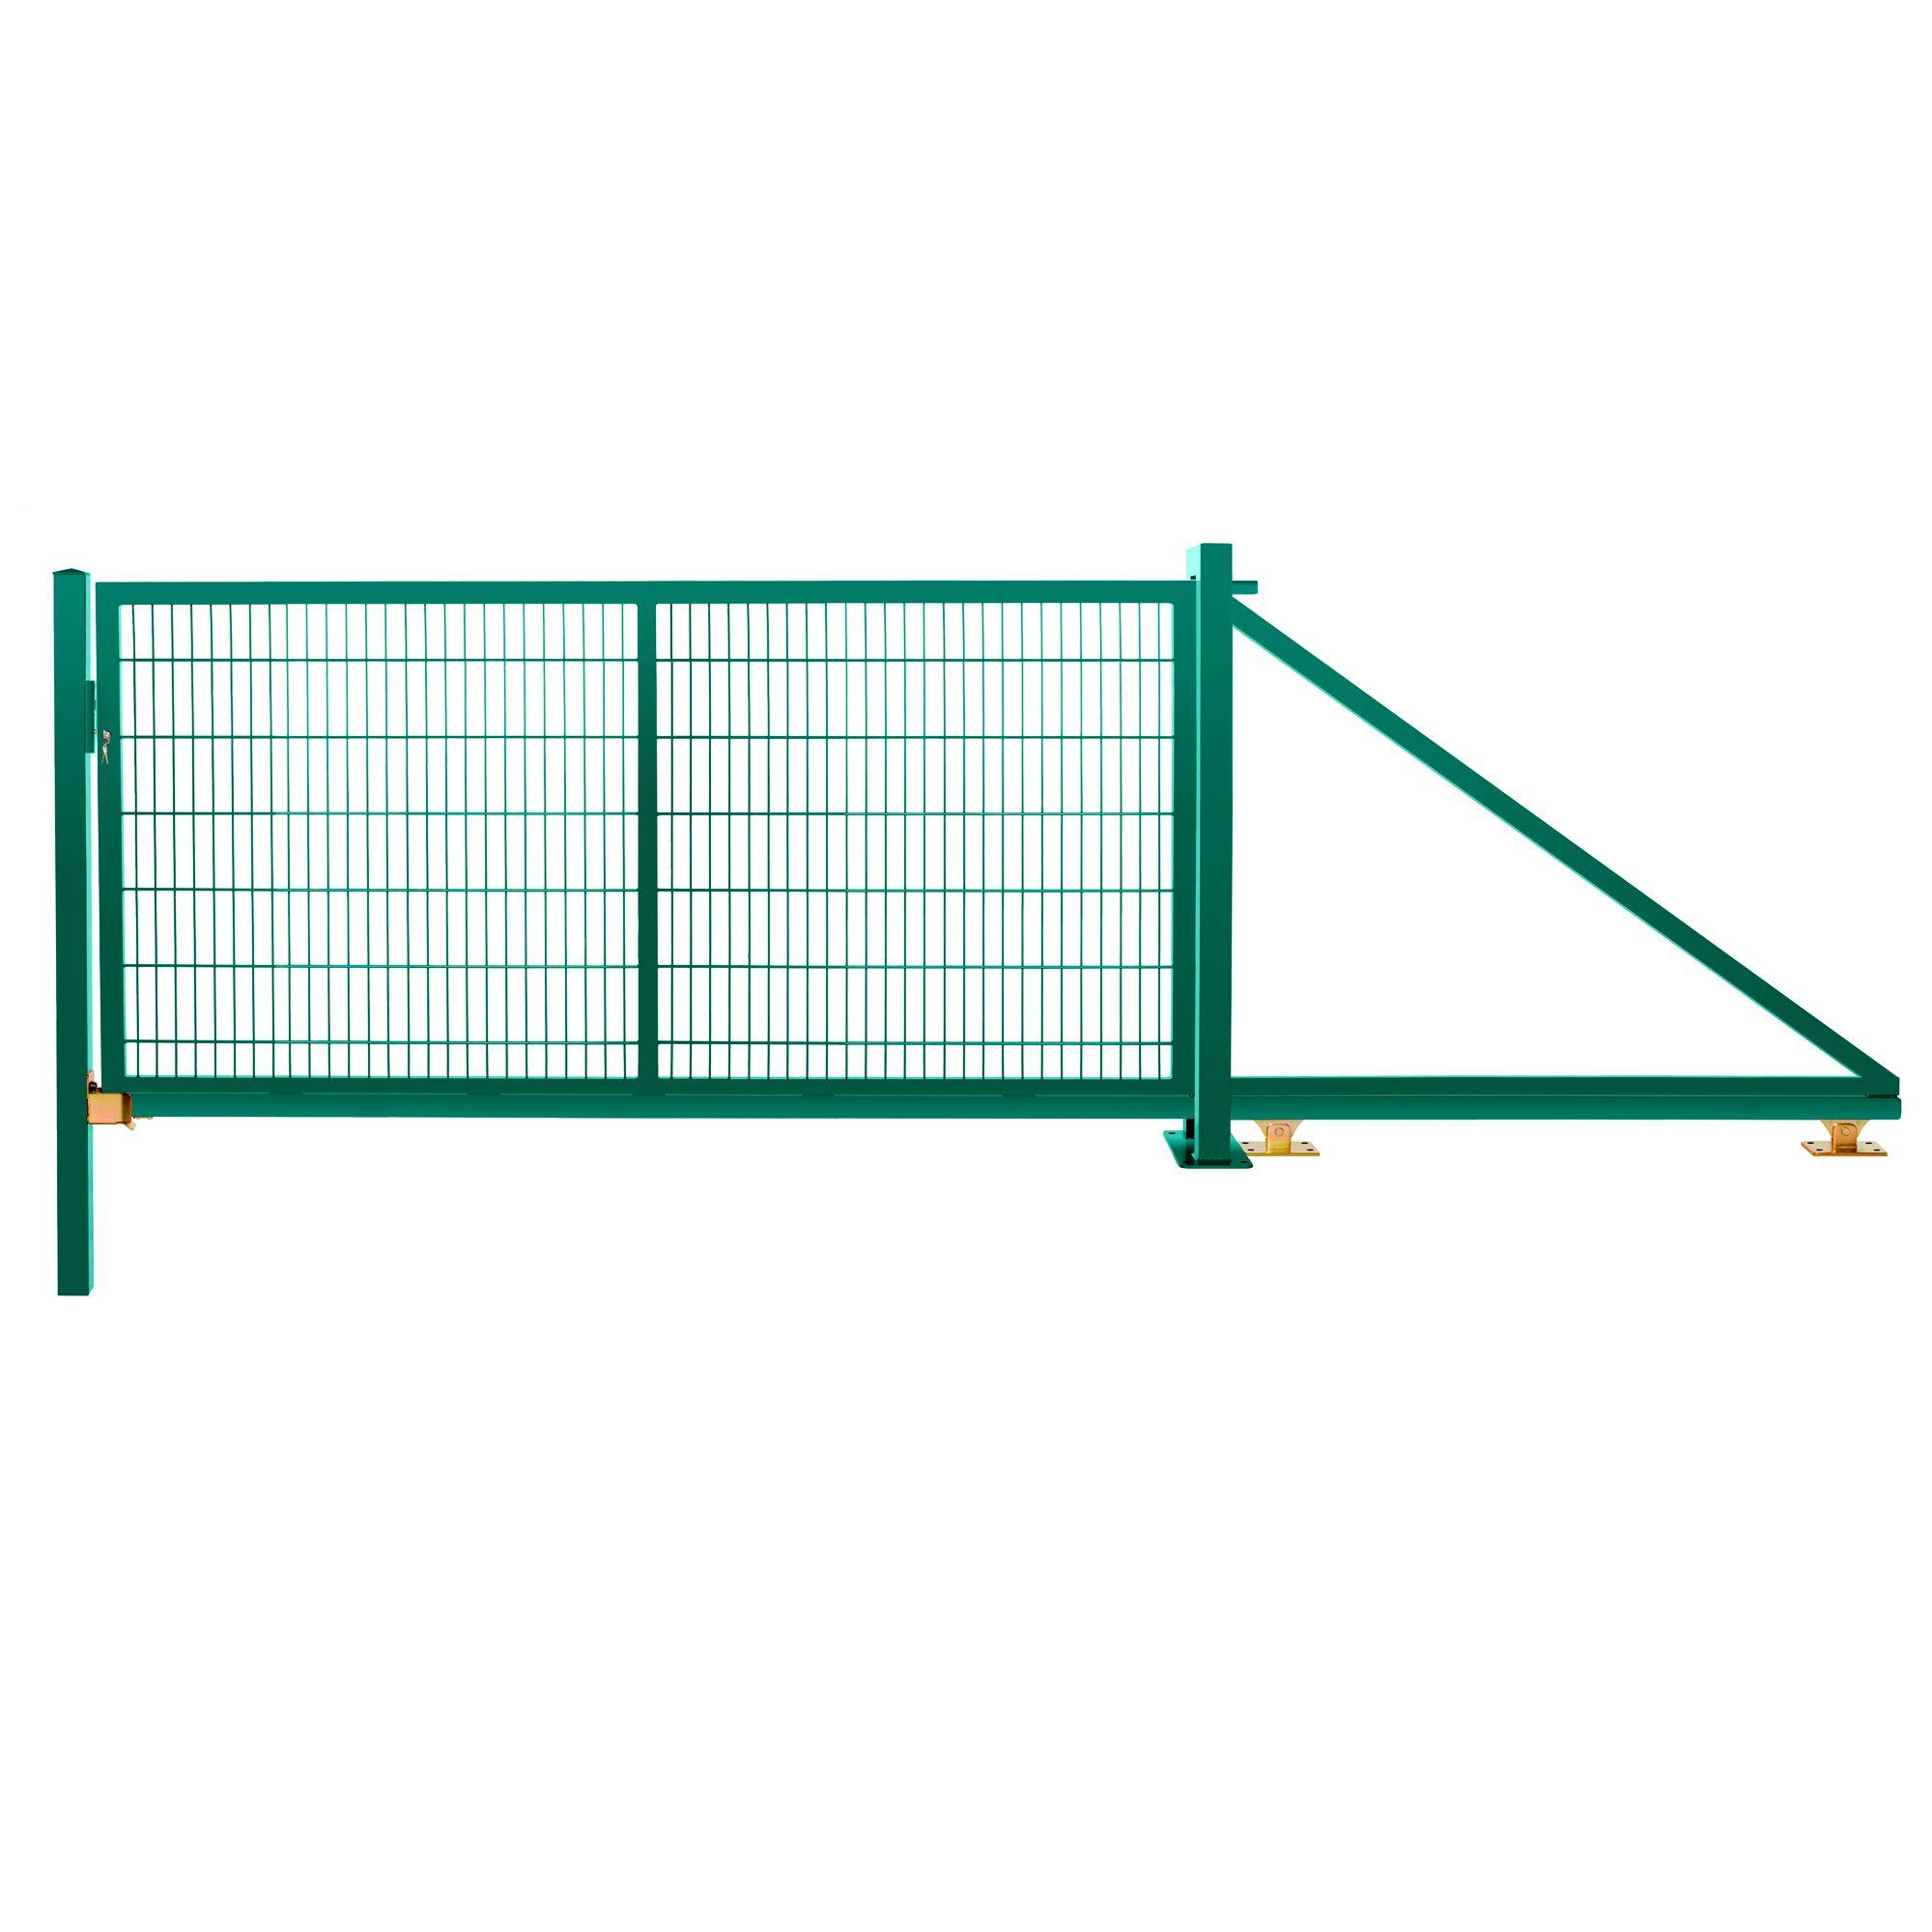 Schiebetor freitragend 1,43 m 3,00 m breit RAL 6005 moosgrün